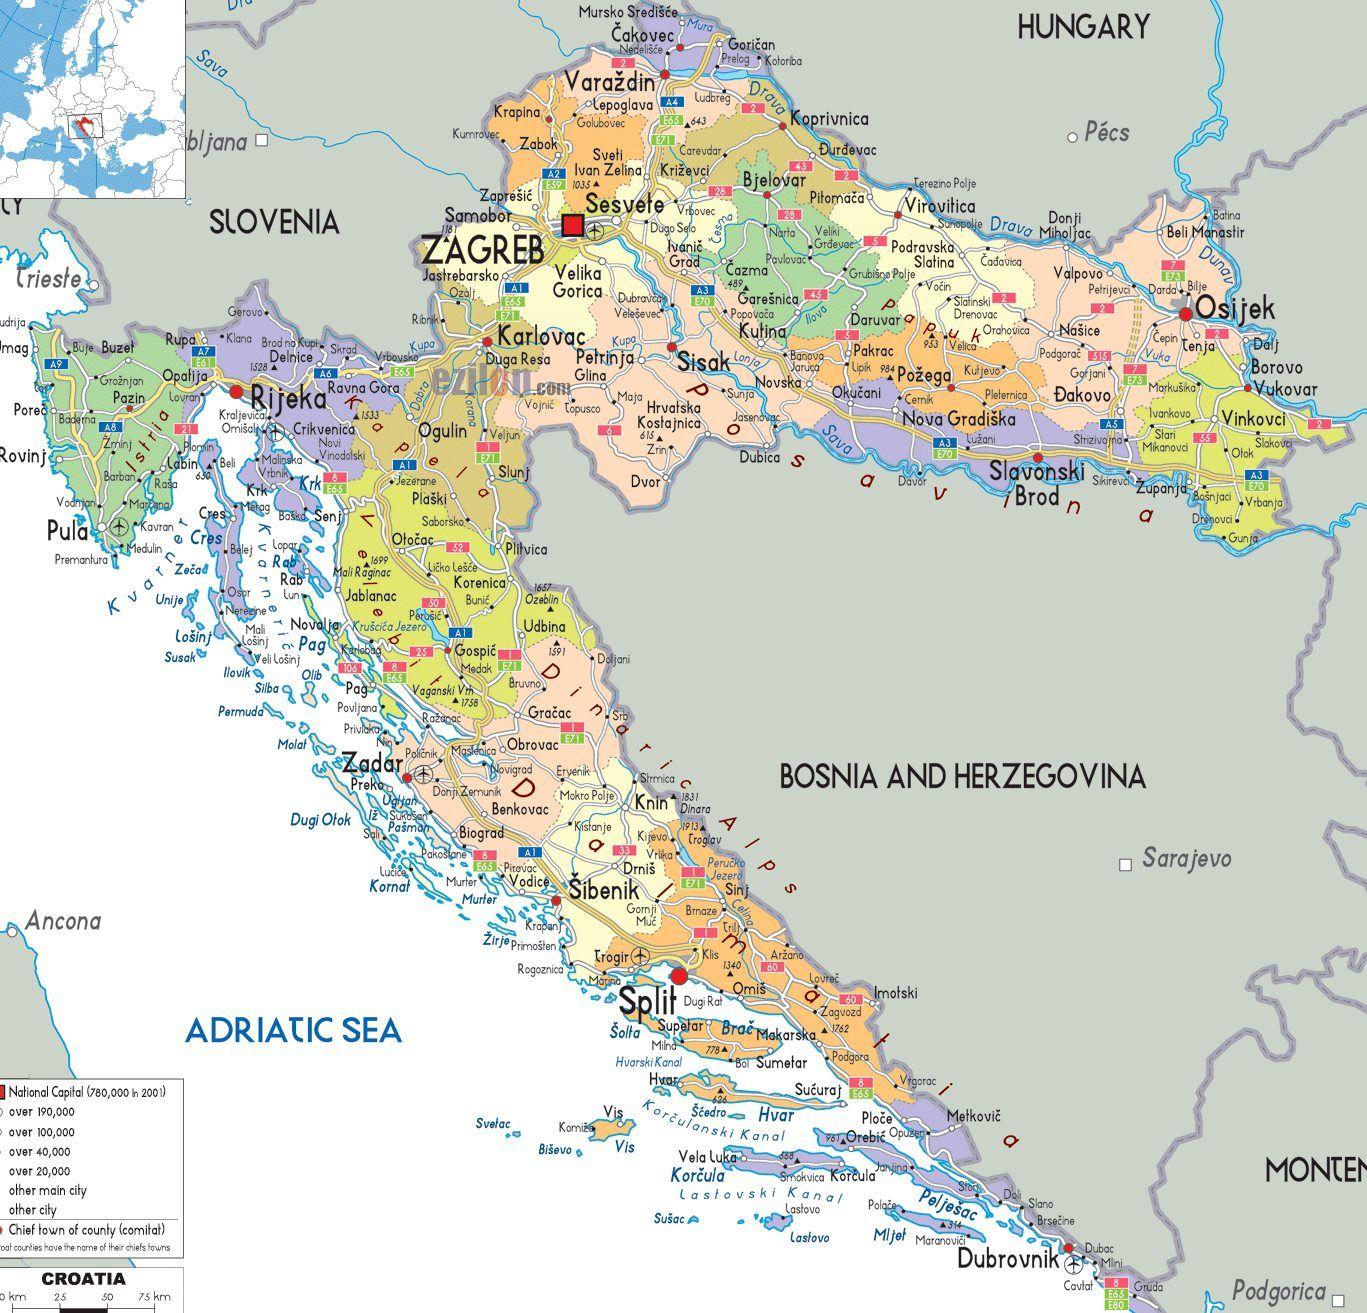 Chorvatsko Mapa Pobrezi Online Turisticka Mapa